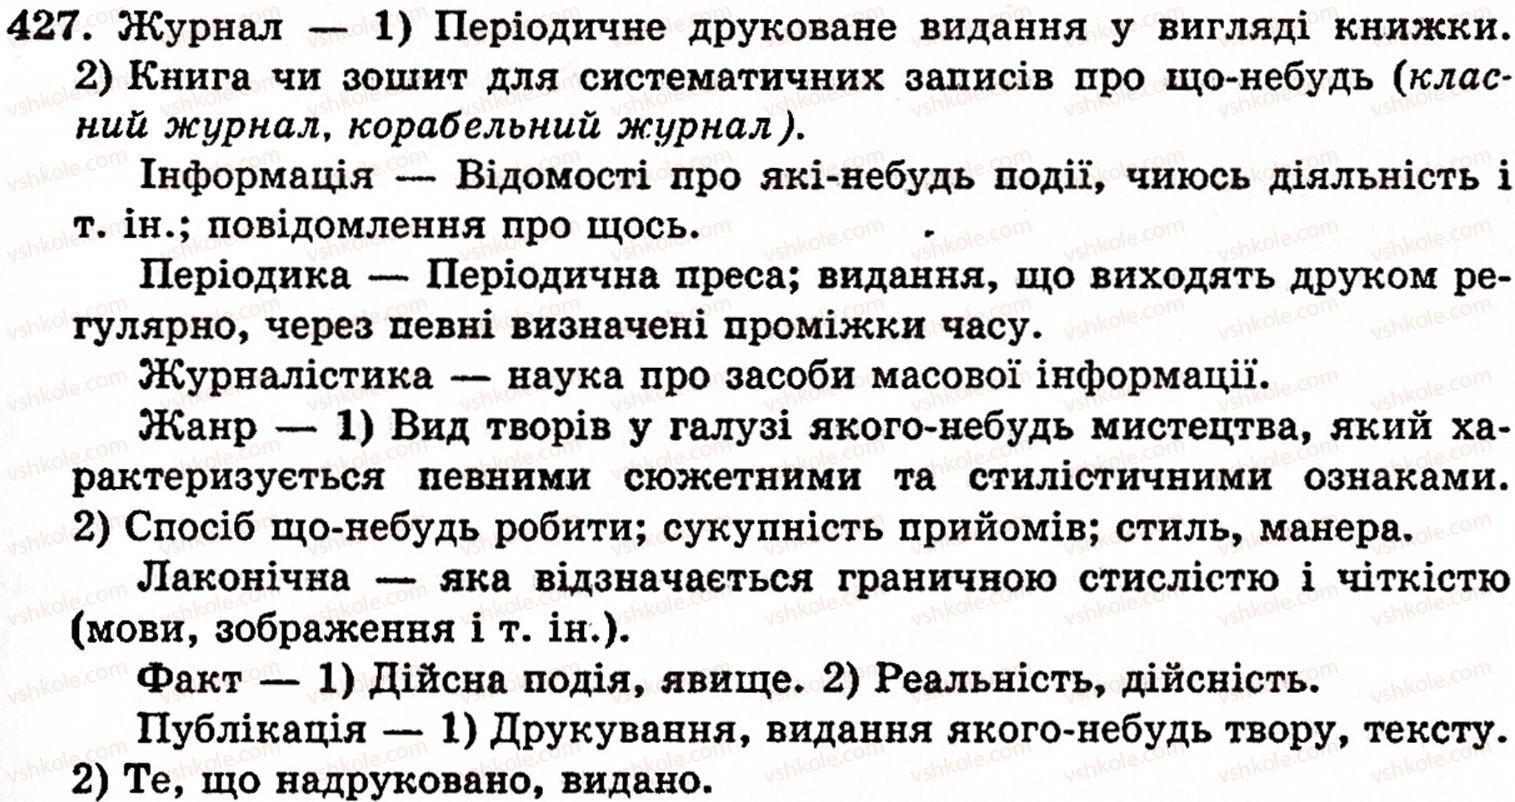 5-ukrayinska-mova-op-glazova-yub-kuznetsov-427